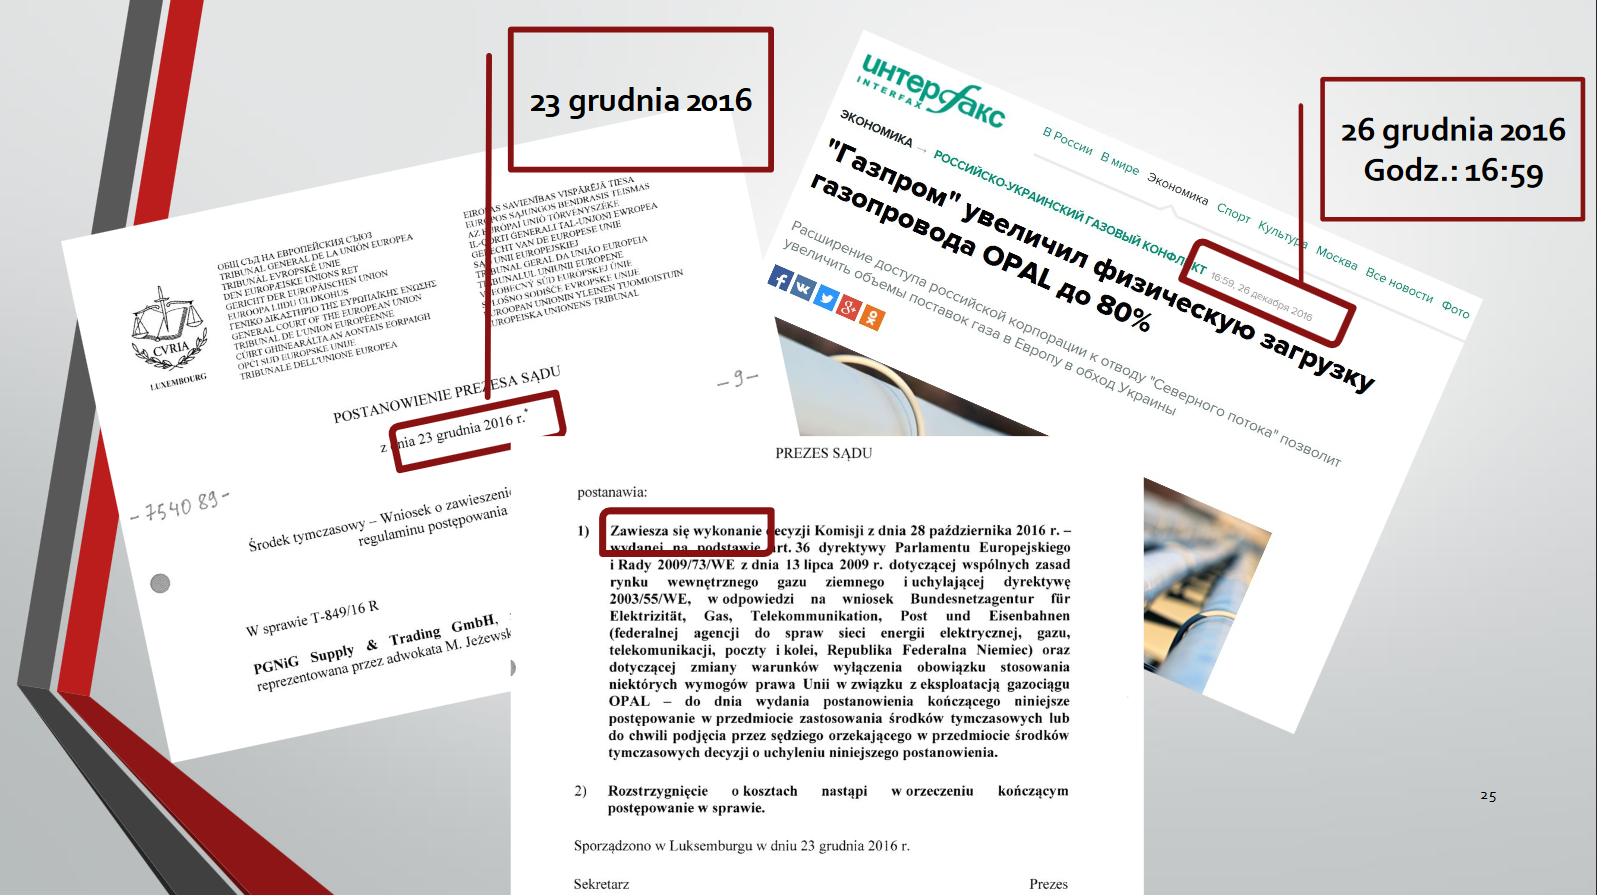 Zwiększenie dostaw przez OPAL byłoby sprzeczne z orzeczeniem Trybunału. Fot. BiznesAlert.pl